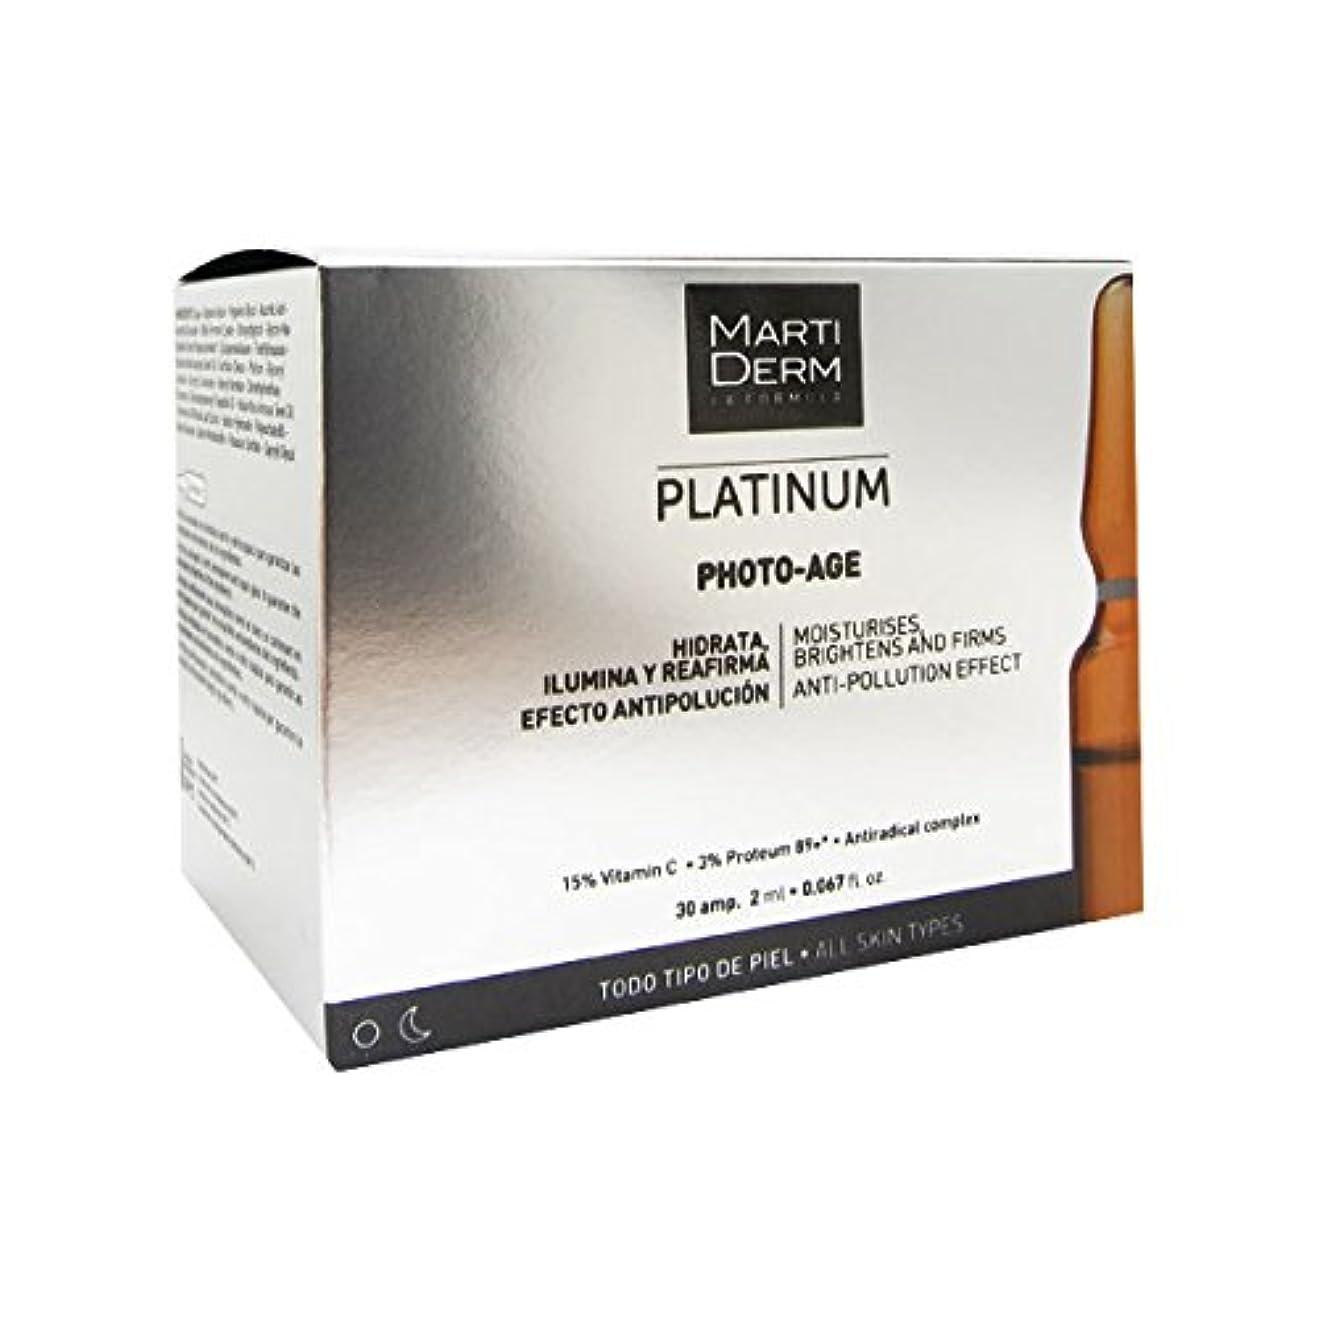 スカウト落とし穴祖先Martiderm Platinum Photo-age 30ampx2ml [並行輸入品]